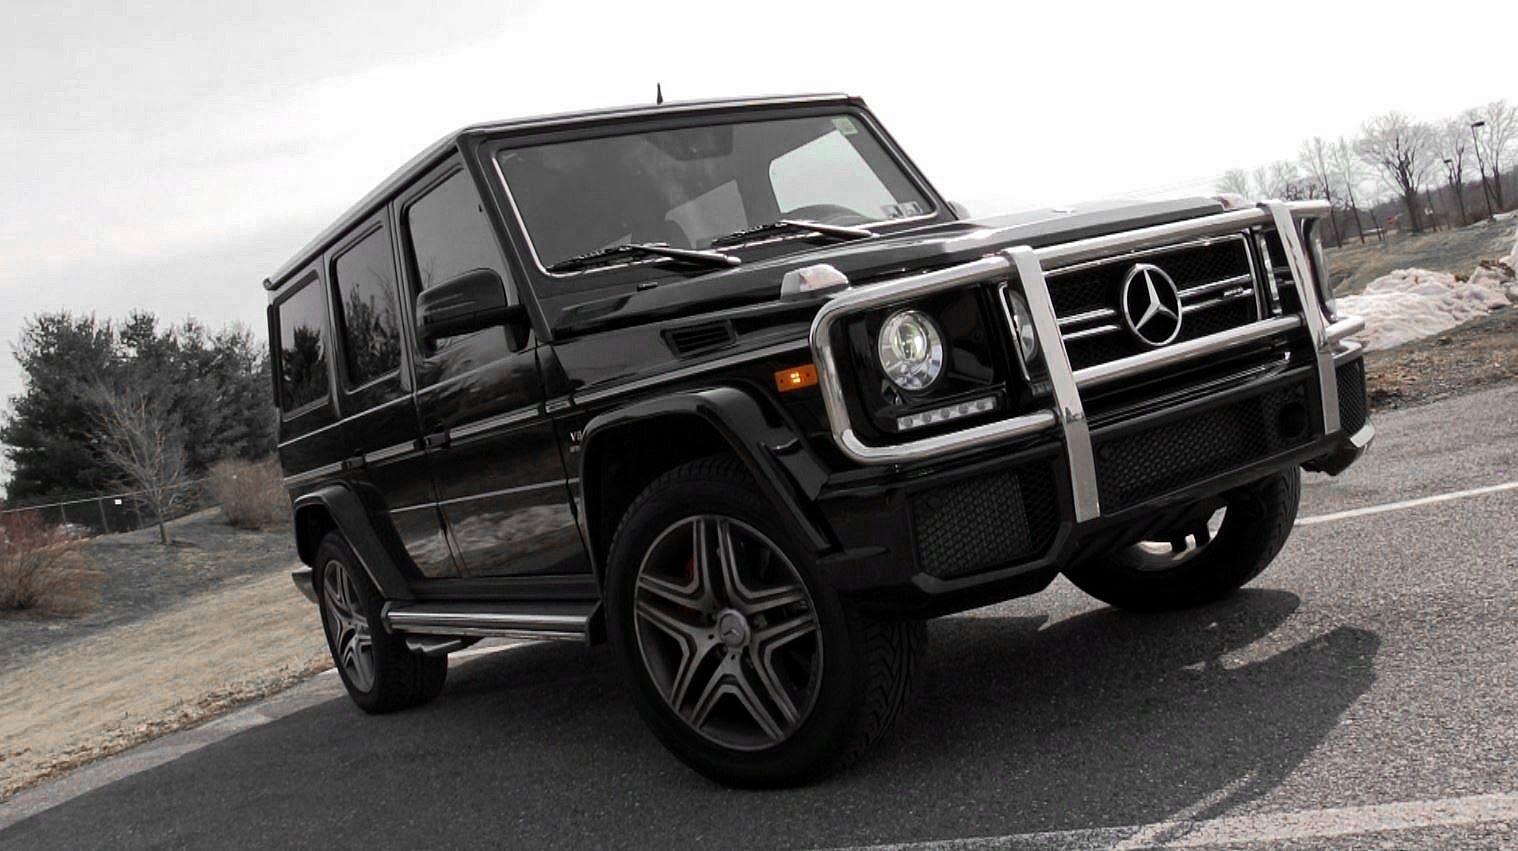 Mercedes-Benz G-Class wallpapers, Vehicles, HQ Mercedes-Benz